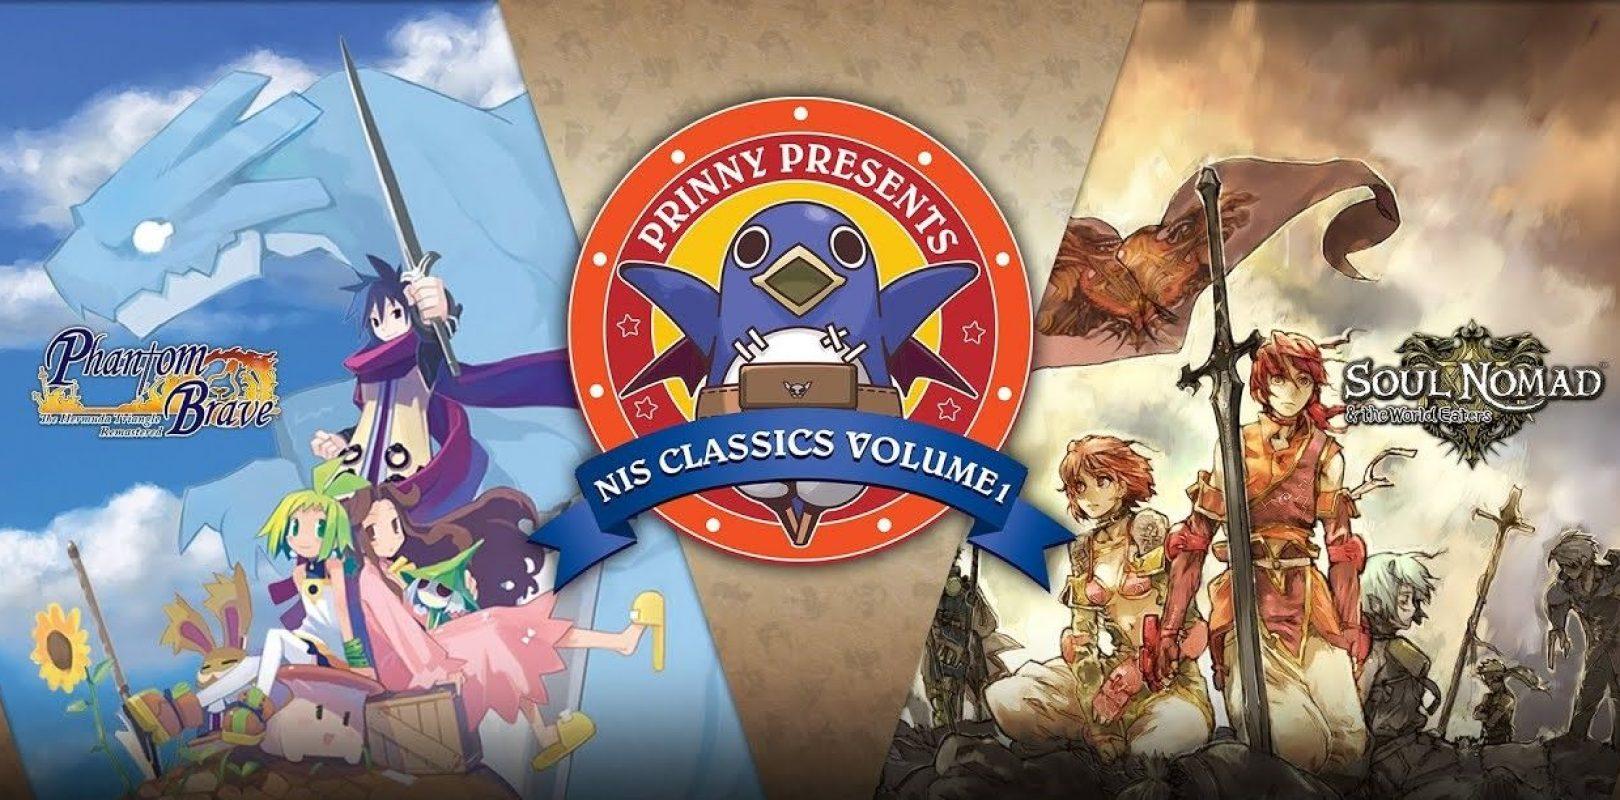 Prinny Presents NIS Classics Vol. 1 Cover